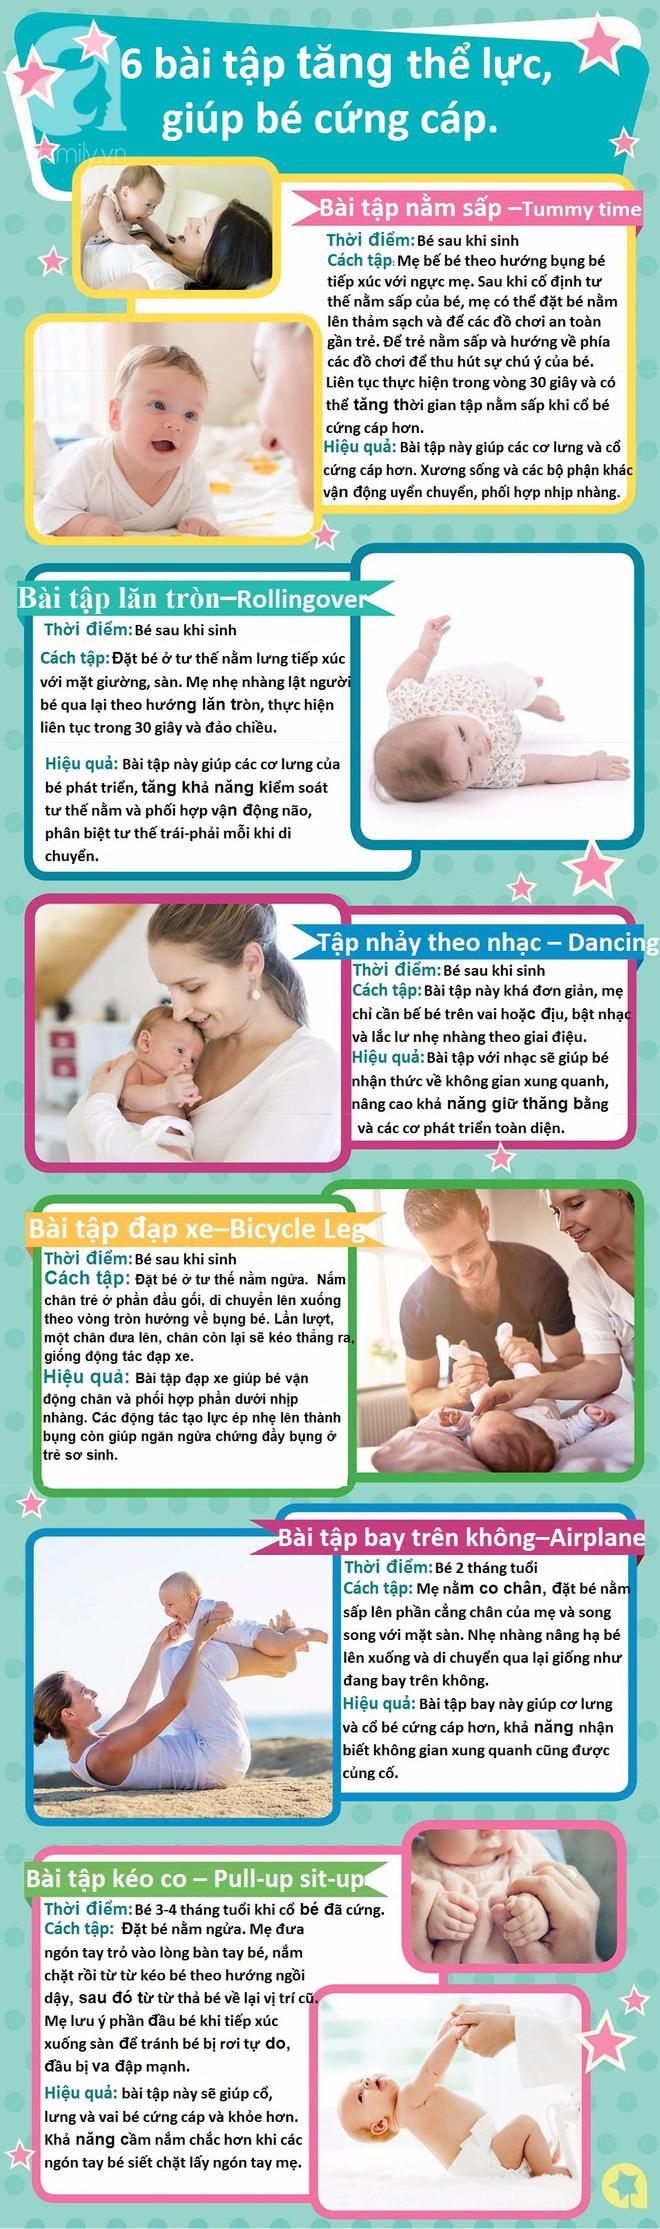 6 bài tập tăng cường thể lực, giúp trẻ sơ sinh sớm cứng cáp - Ảnh 2.